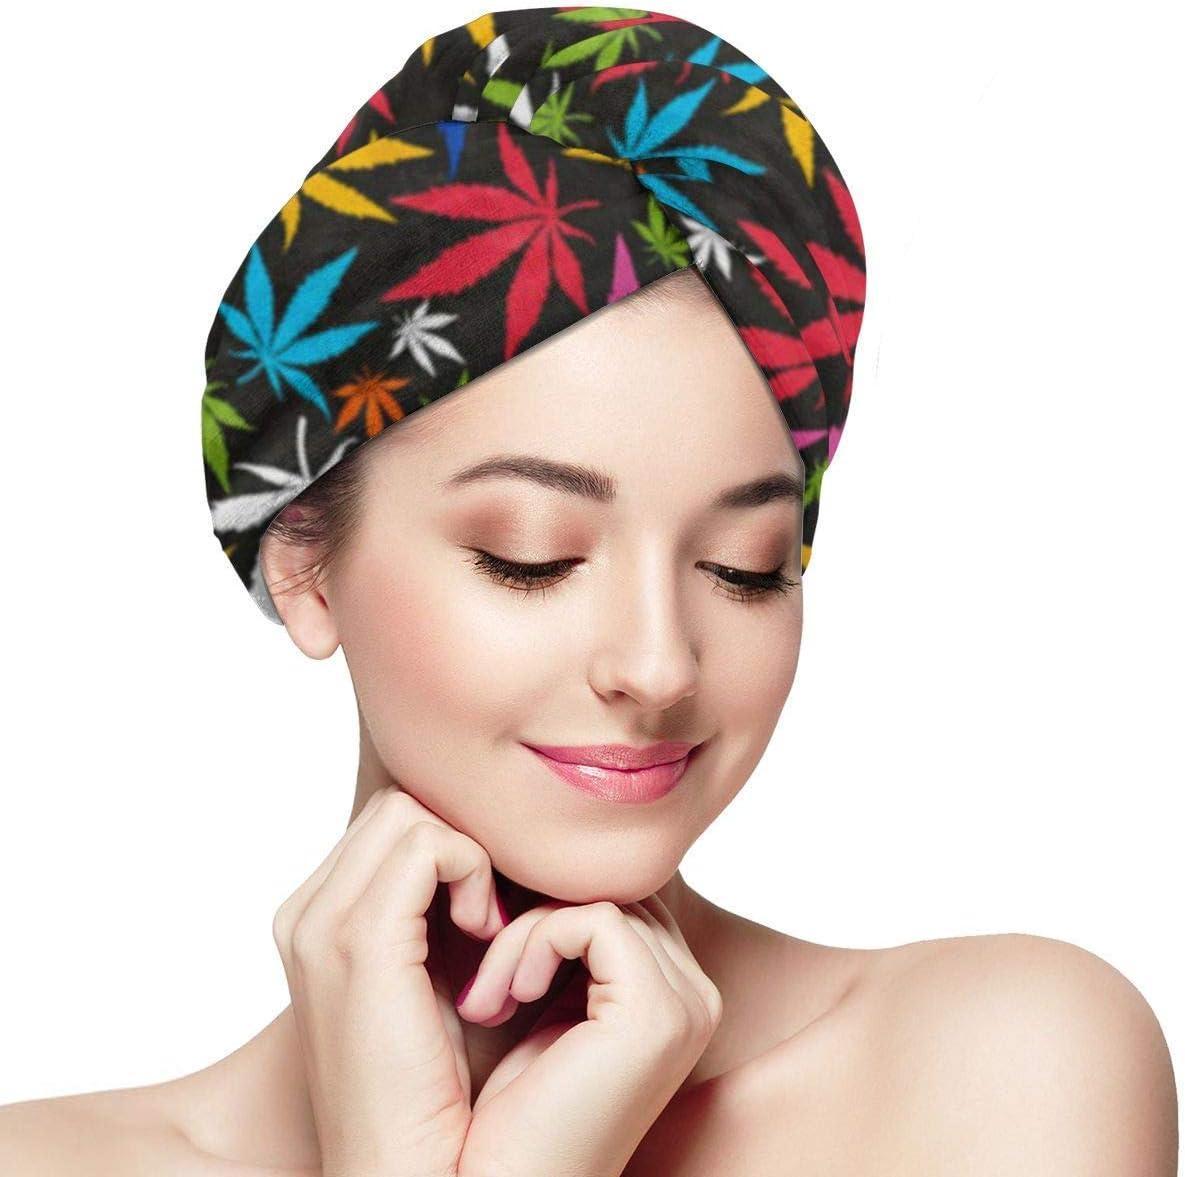 microfibra de contorno muy grande y detallado Para mujeres, gorro de pelo de secado rápido con botón - Adicción Coloridas hojas de cannabis en otoño Cuidado con la droga Droga Floral